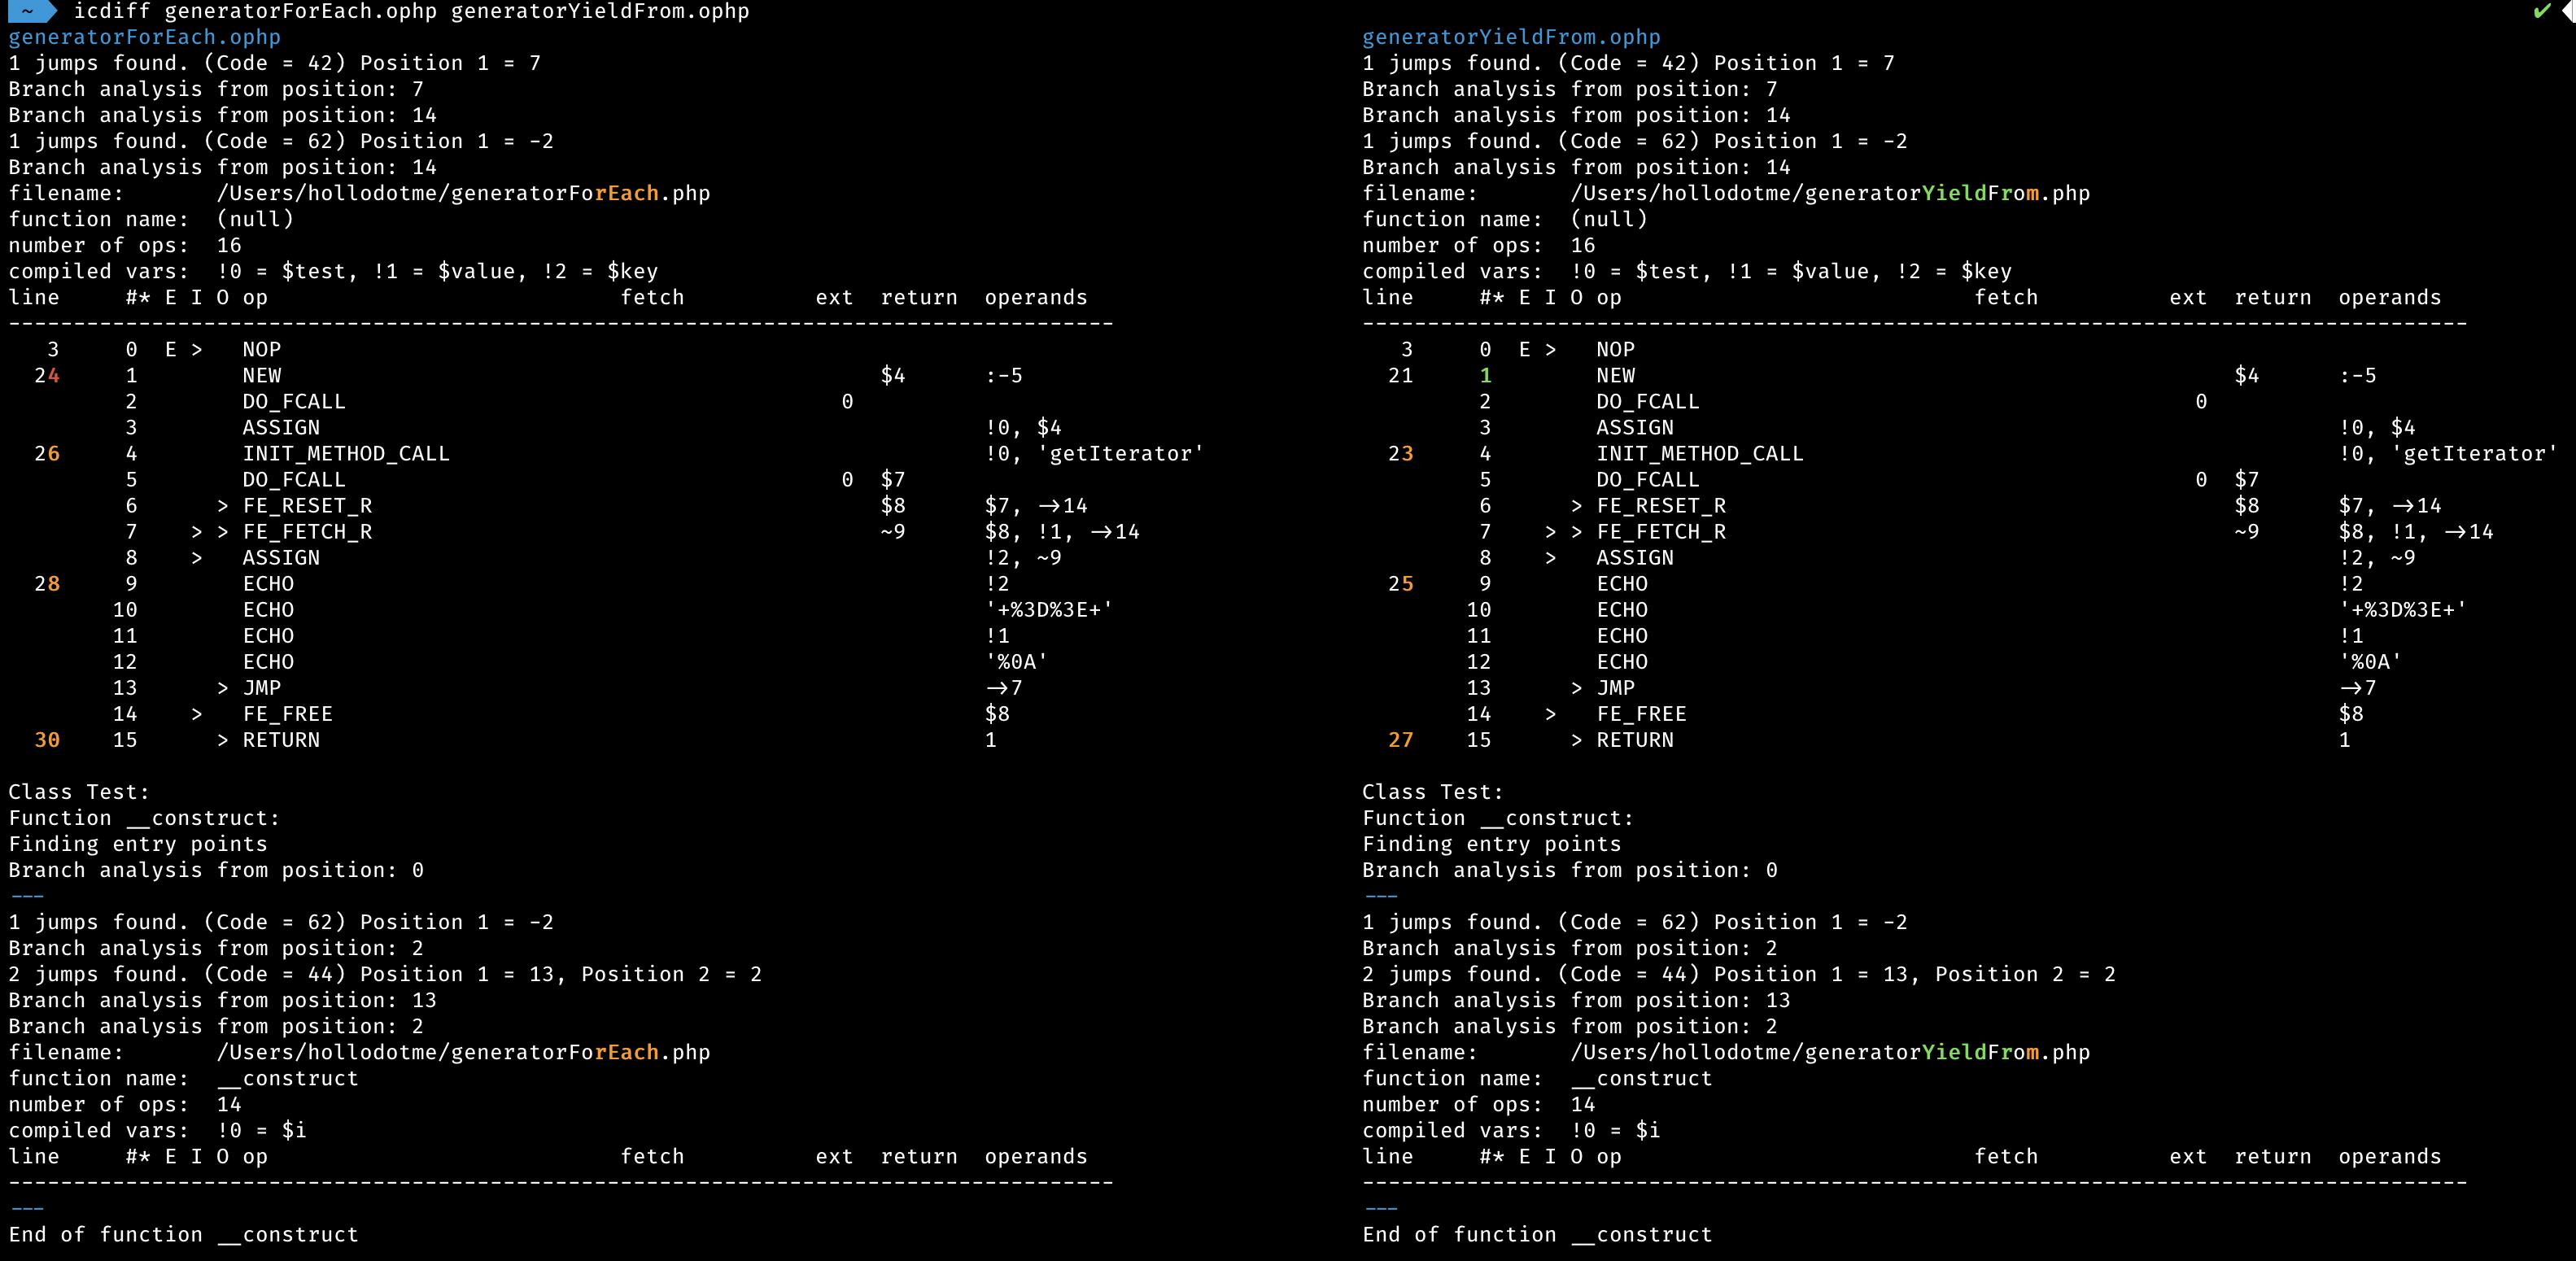 screenshot 2018-11-07 at 21 29 55